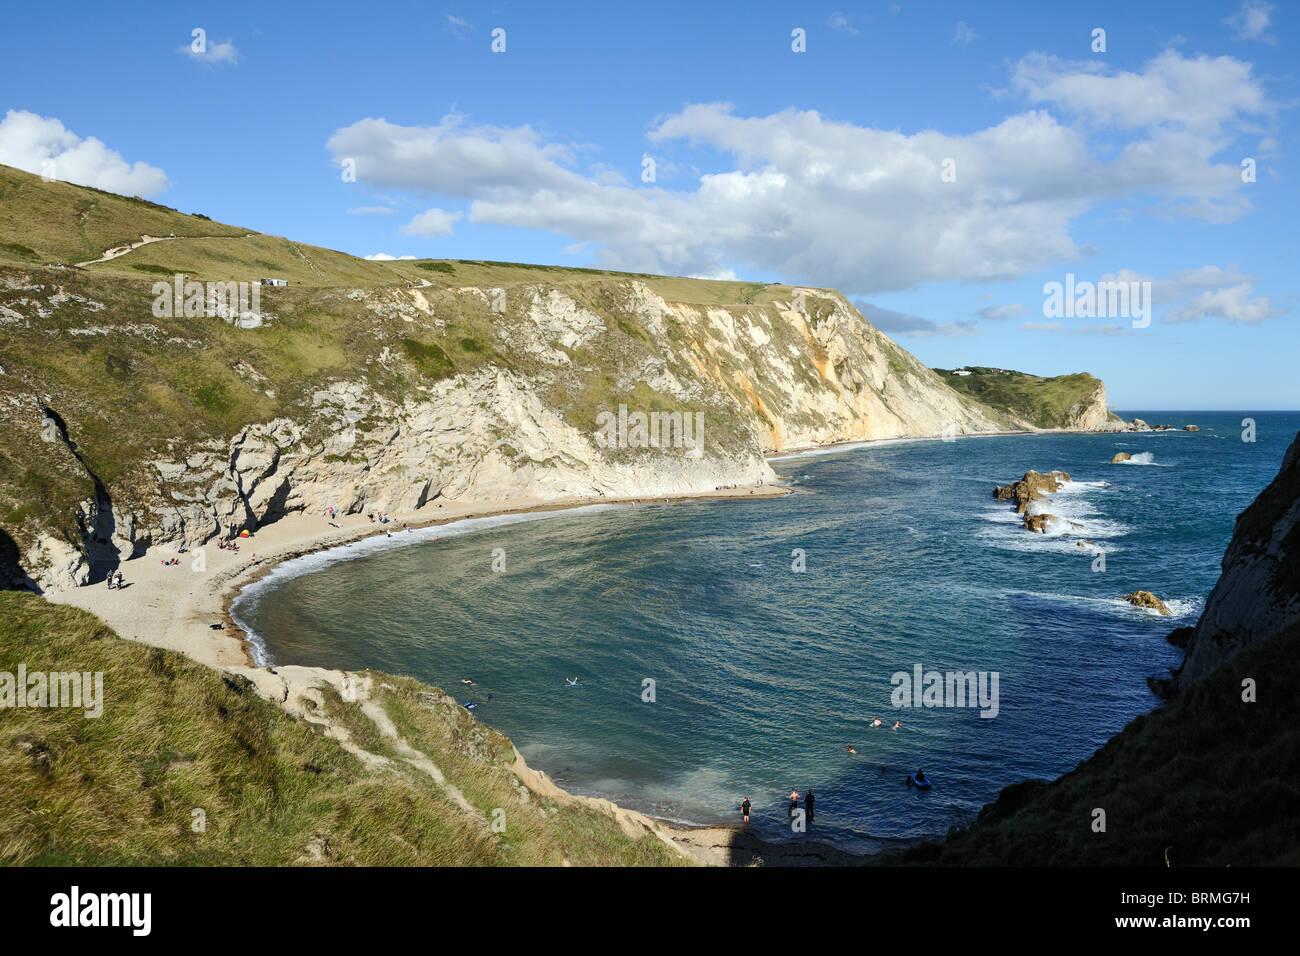 Imponentes acantilados de tiza en la ruta de la costa este de Durdle Door, Dorset, Inglaterra Foto de stock